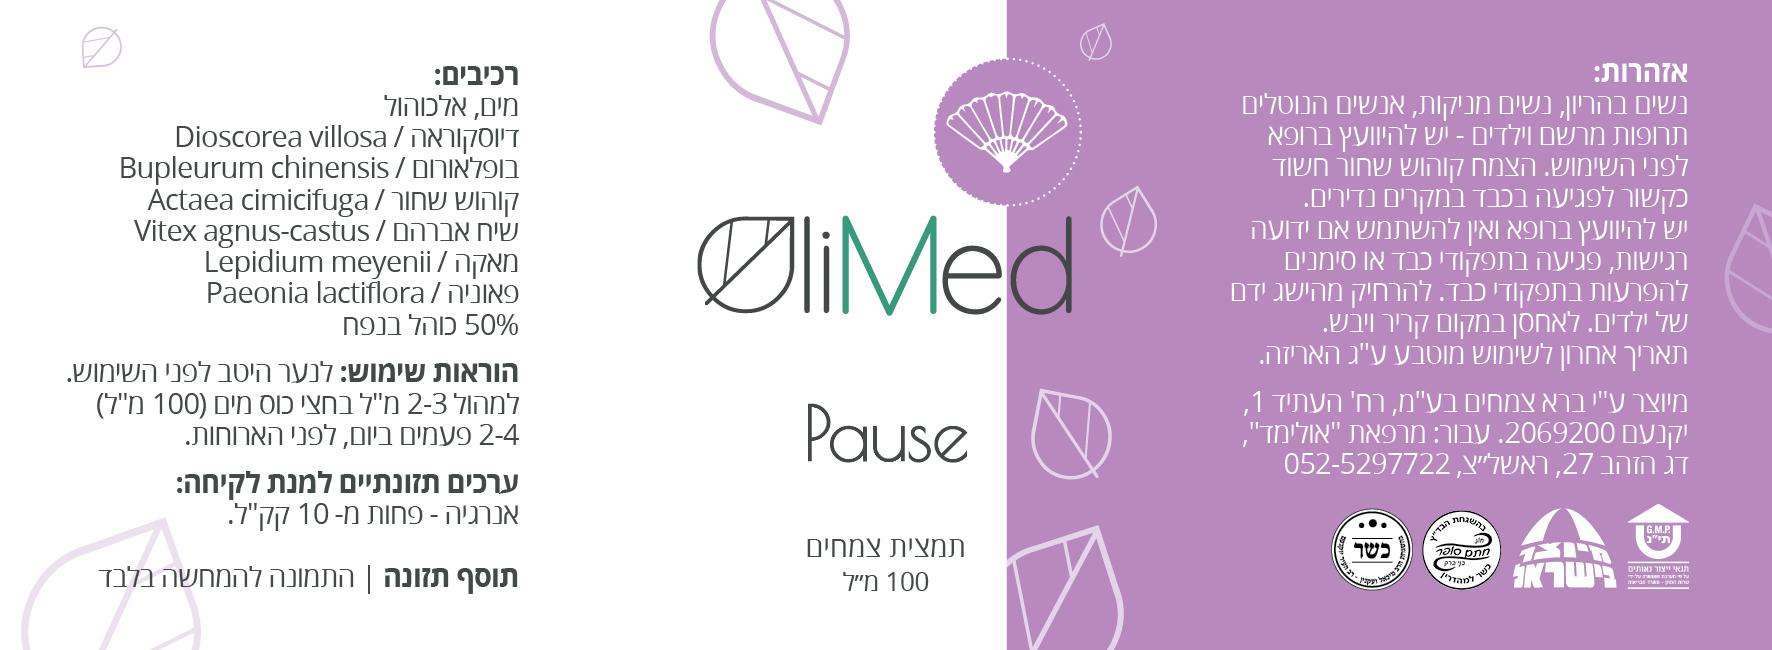 Olimed_Bottle13